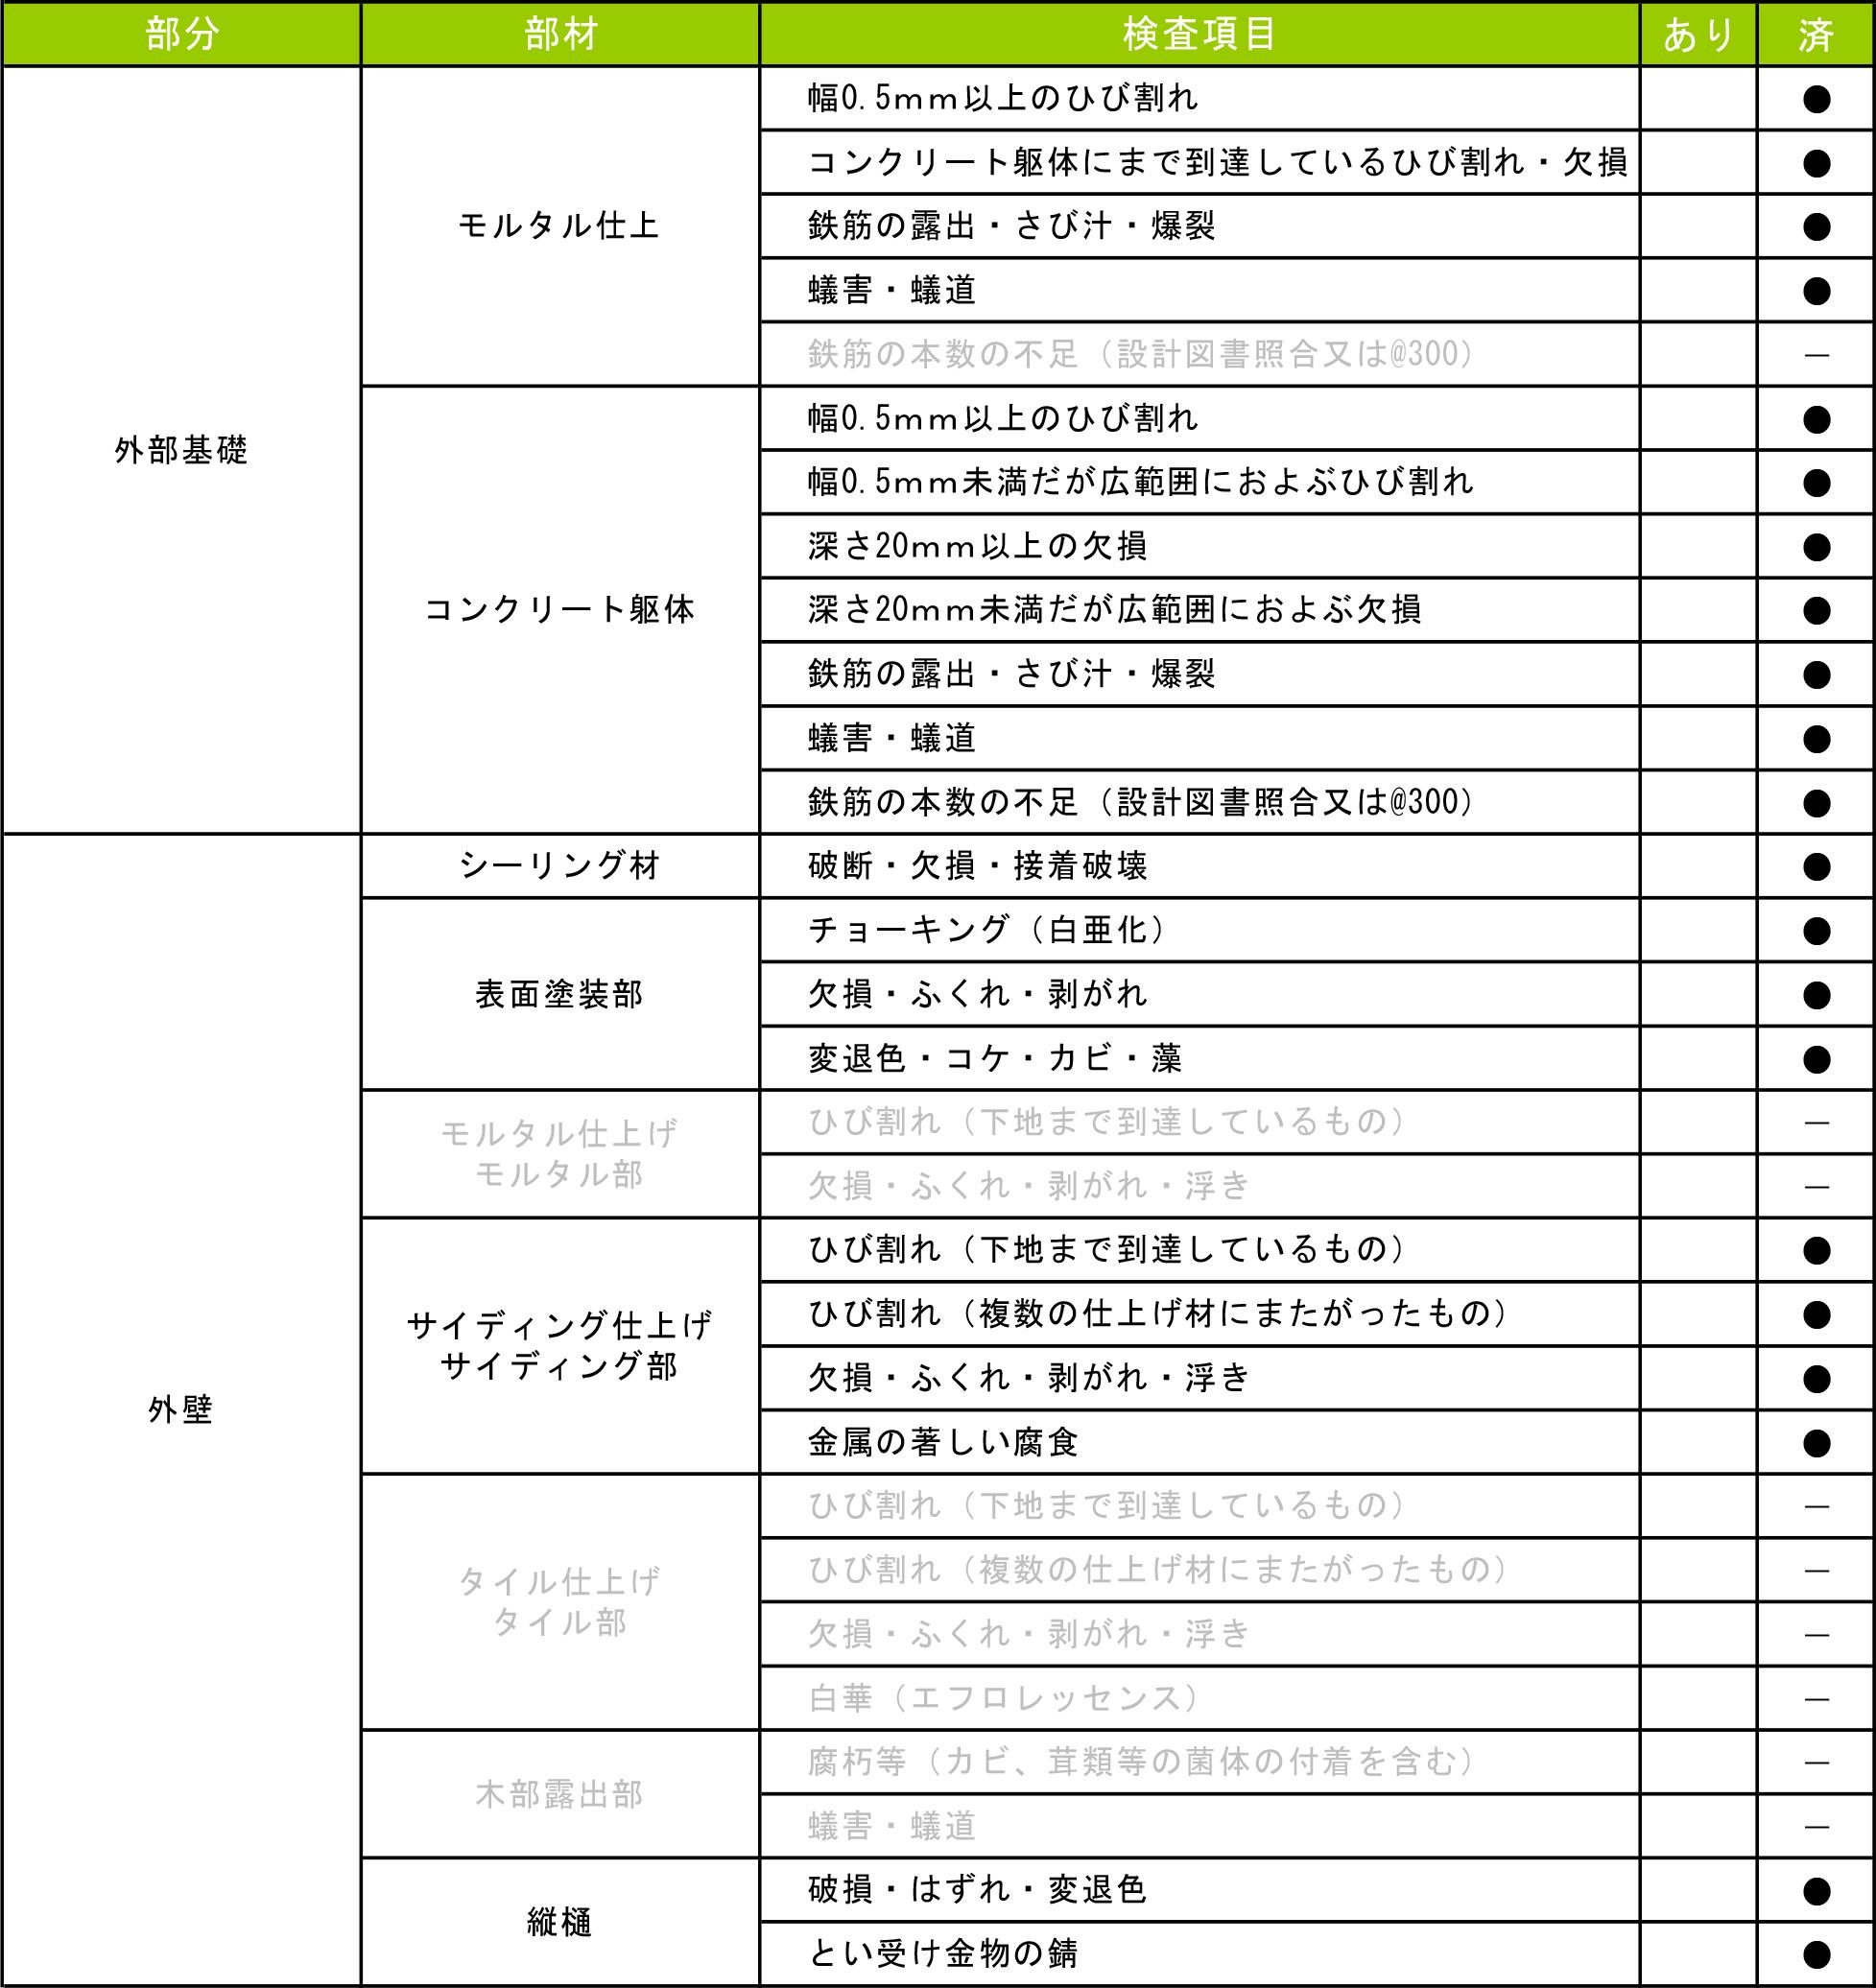 建物外部(1) 検査報告